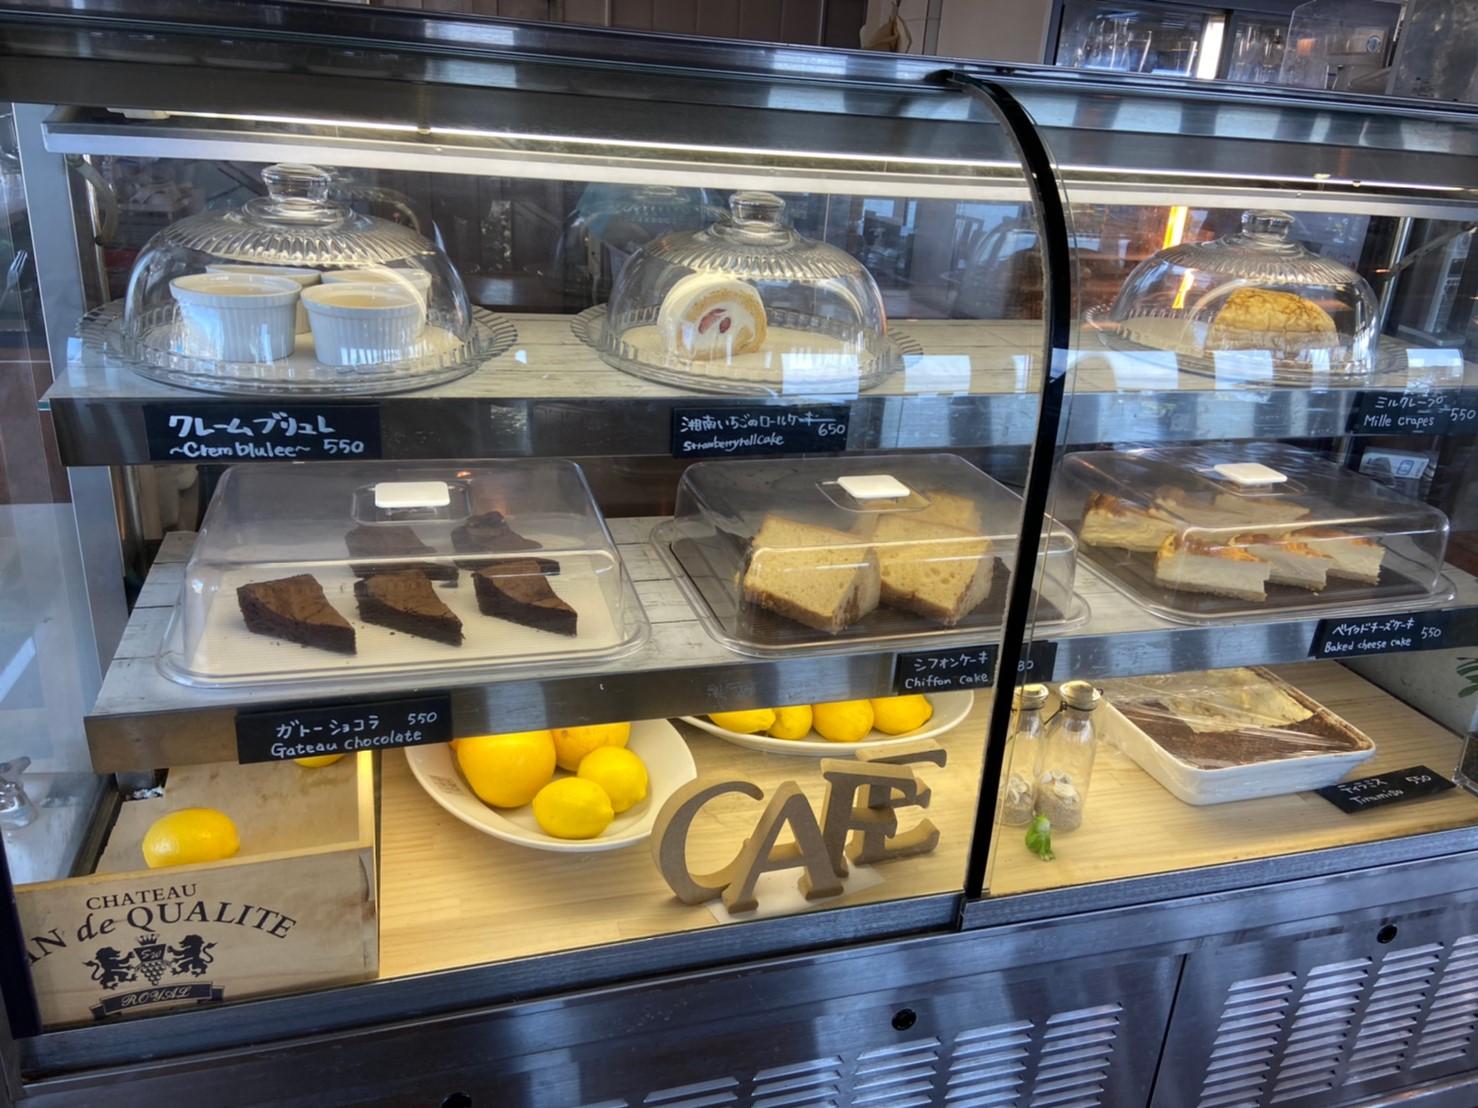 iLCHIANTI CAFE